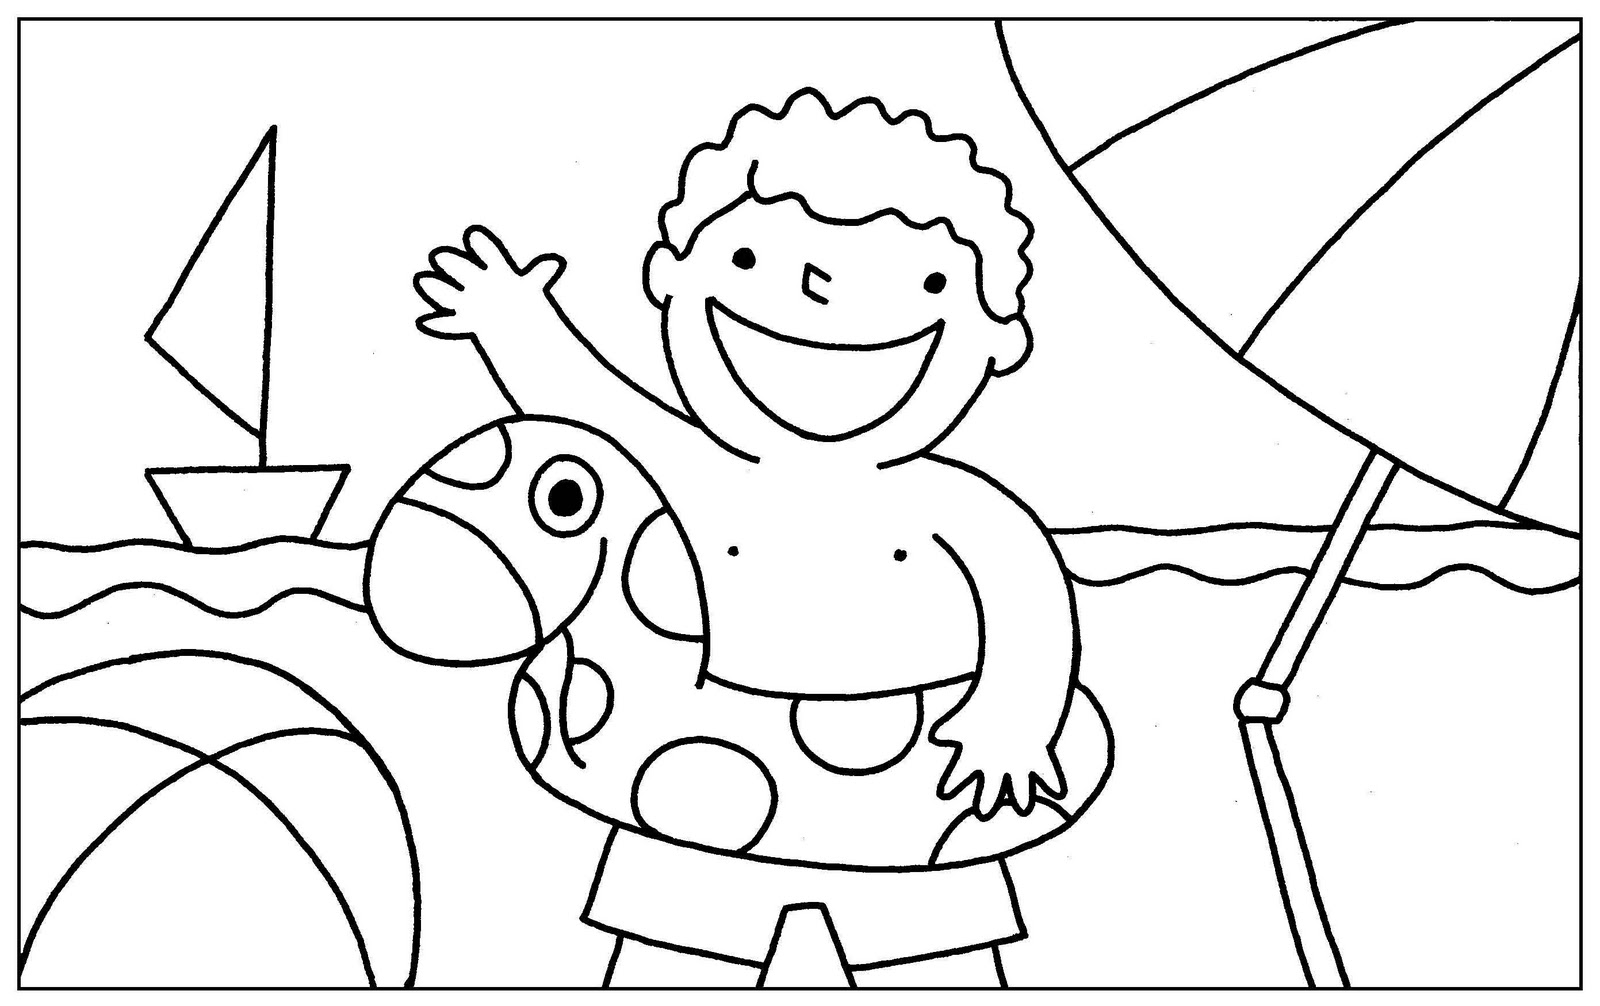 Plastilina y lápiz: Selección de dibujitos para colorear (El Verano)